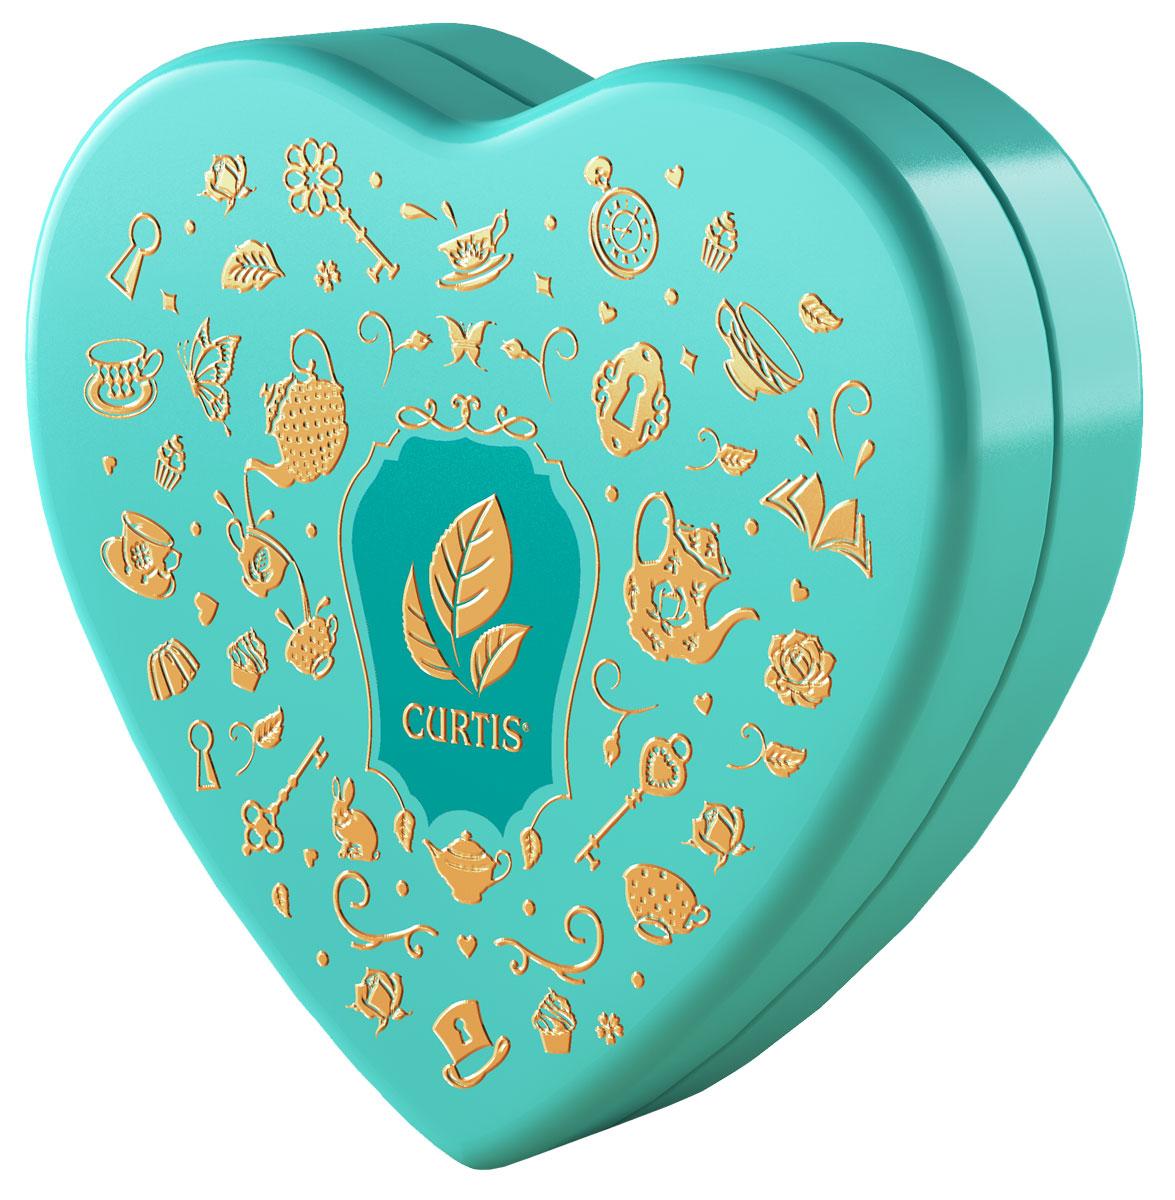 Curtis Wonderland Collection Sweet Heart чай черный ароматизированный, цвет коробки бирюзовый, 40 г baron французские трюфели с кусочками малины 100 г